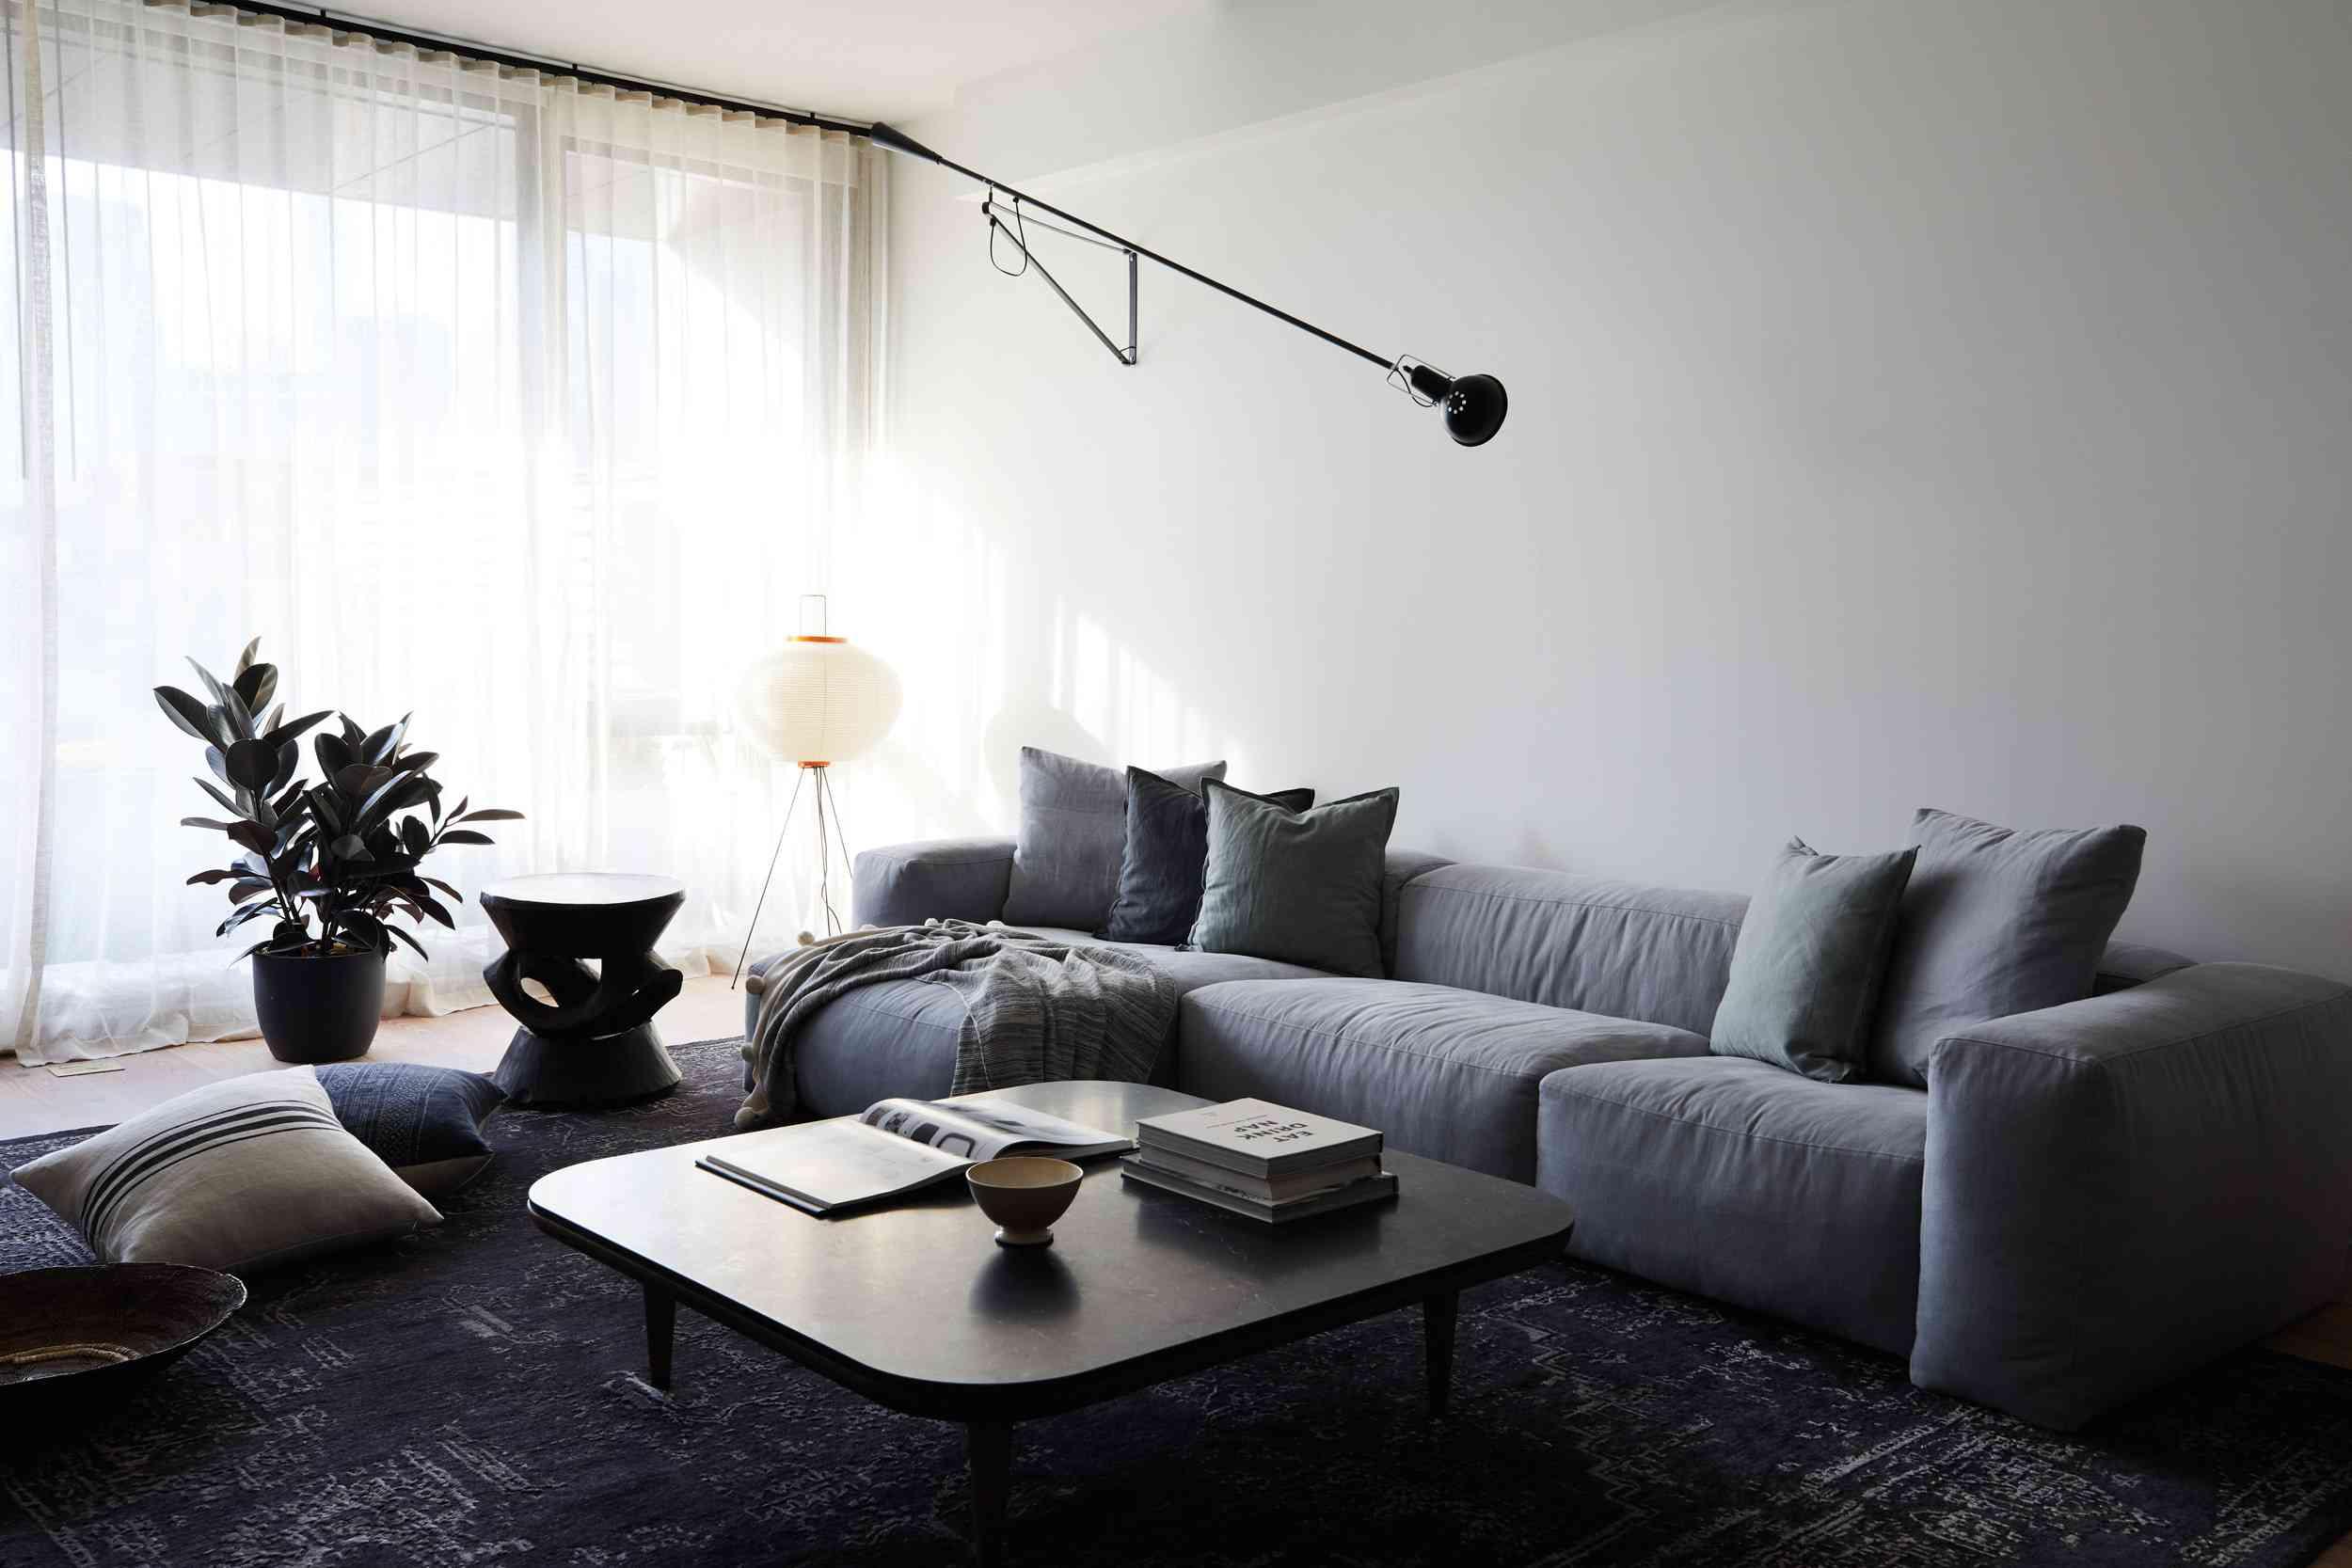 dim minimalist living room